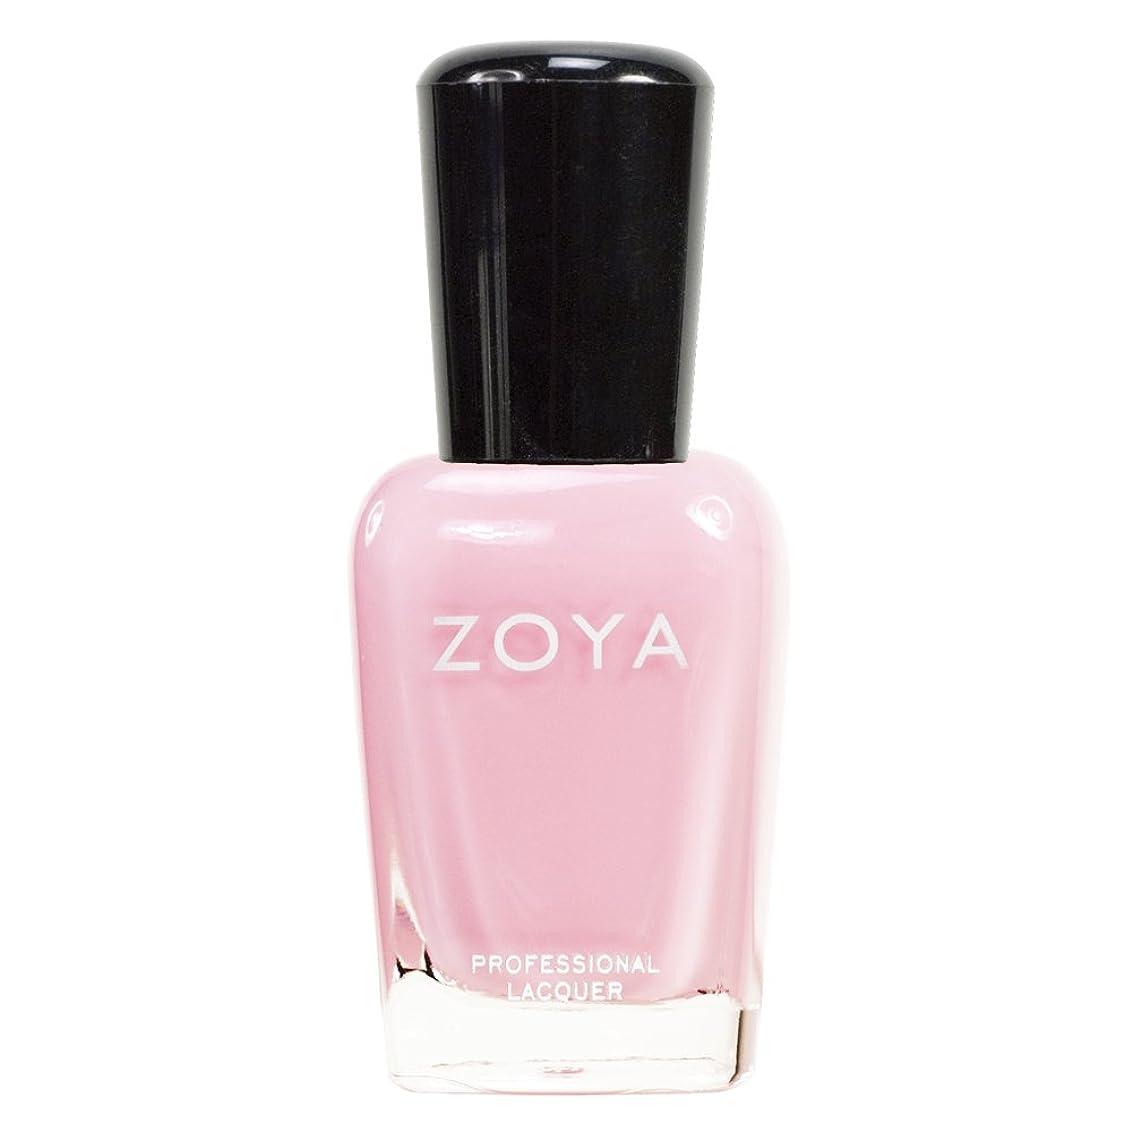 否認する悲しいことに野望ZOYA ゾーヤ ネイルカラーZP315 BELA ベラ 15ml 淡く優しいクリーミーなピンク マット 爪にやさしいネイルラッカーマニキュア